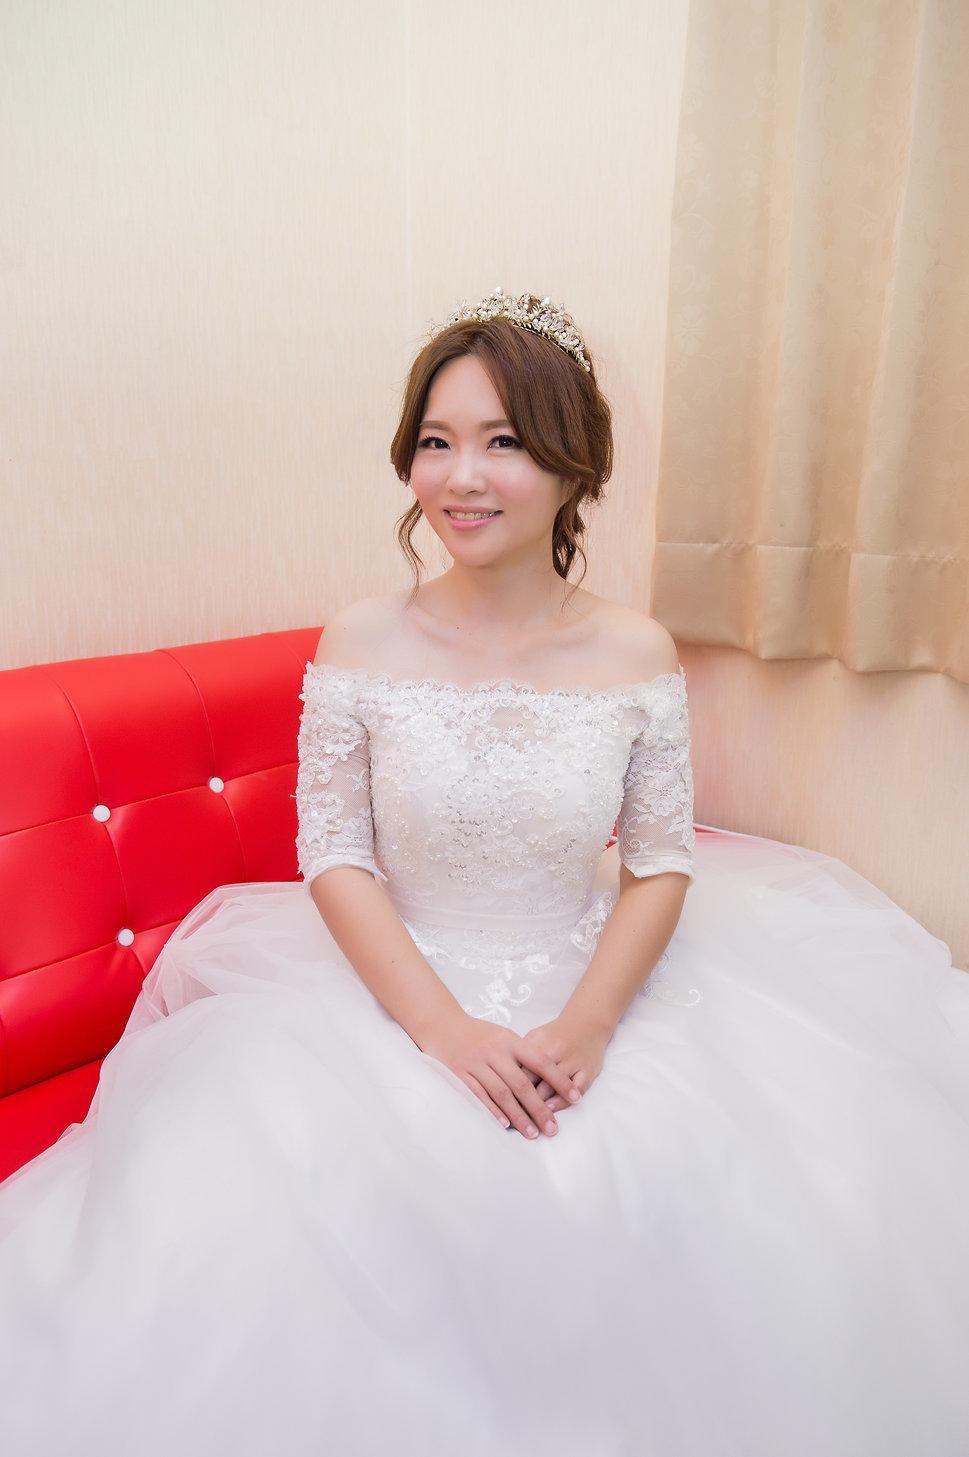 [婚禮紀錄] 結婚午宴@苗栗台灣水牛城(編號:432132) - LoveStoryAllen IMAGE - 結婚吧一站式婚禮服務平台